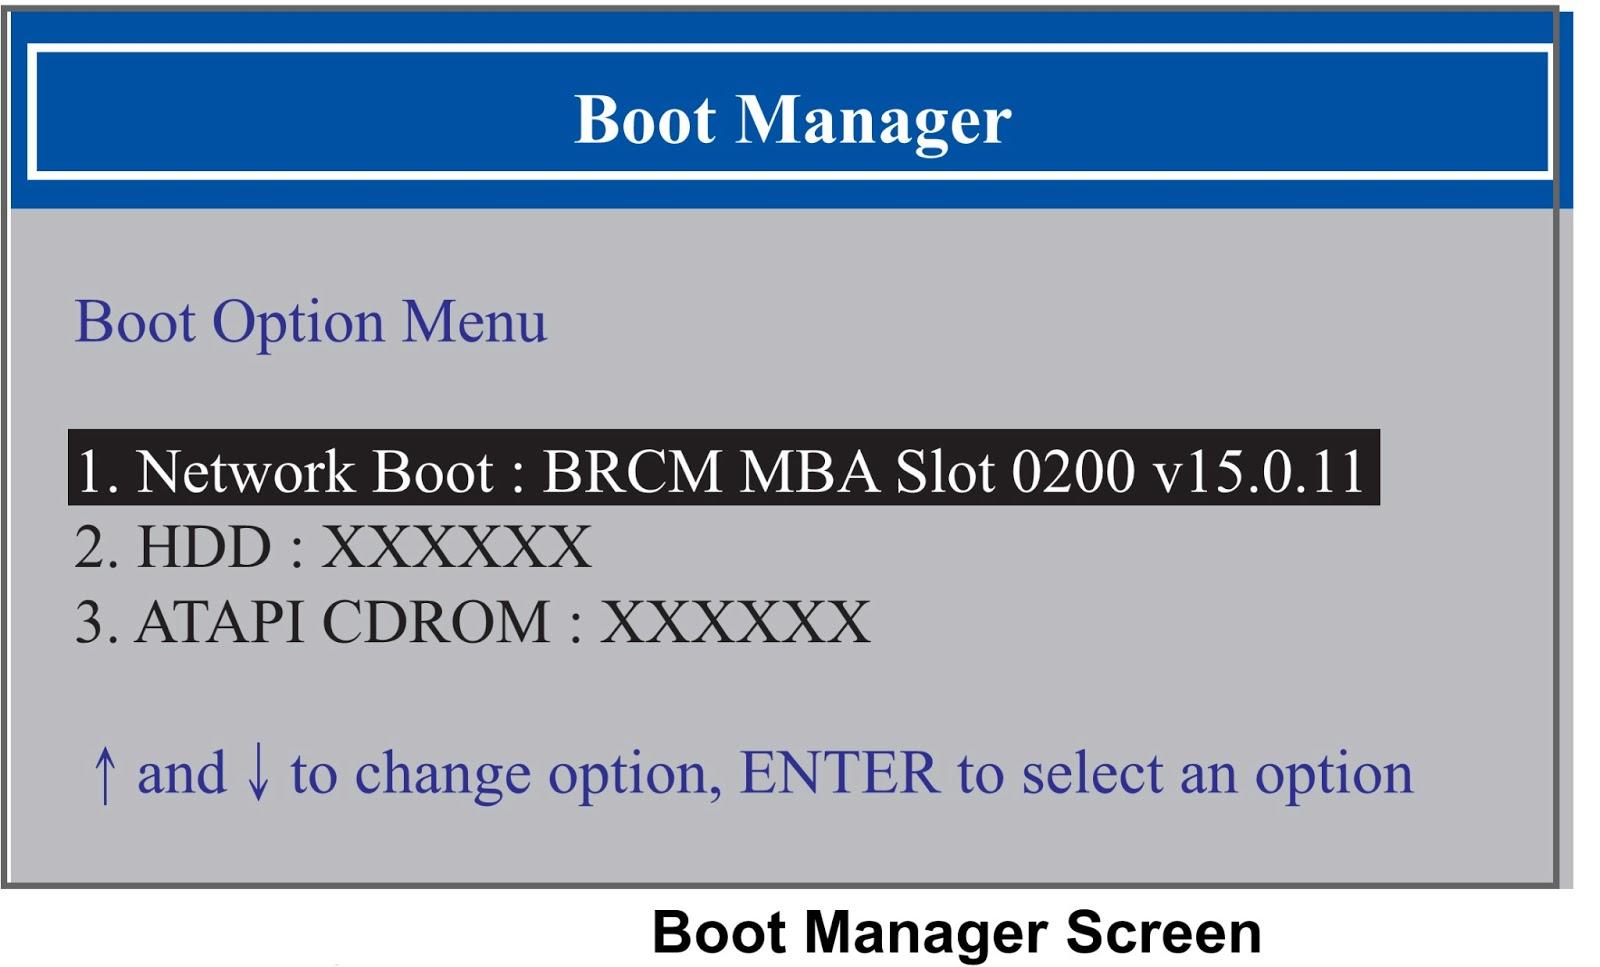 brcm mba slot 0200 v 15 0 11